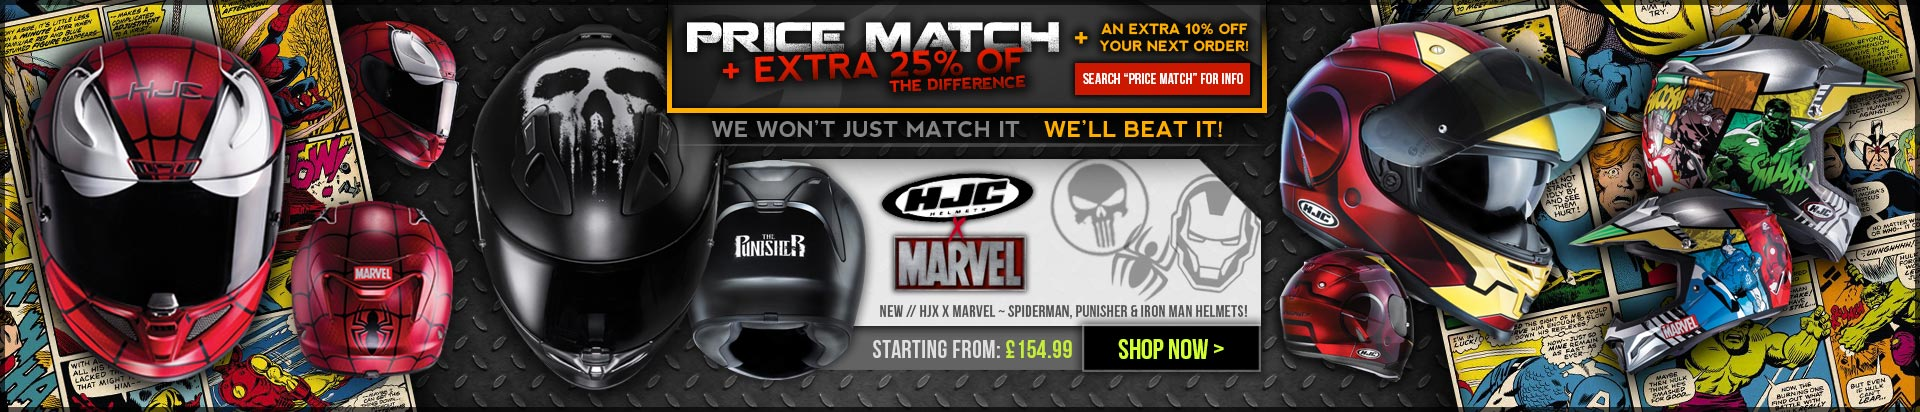 HJC Marvel